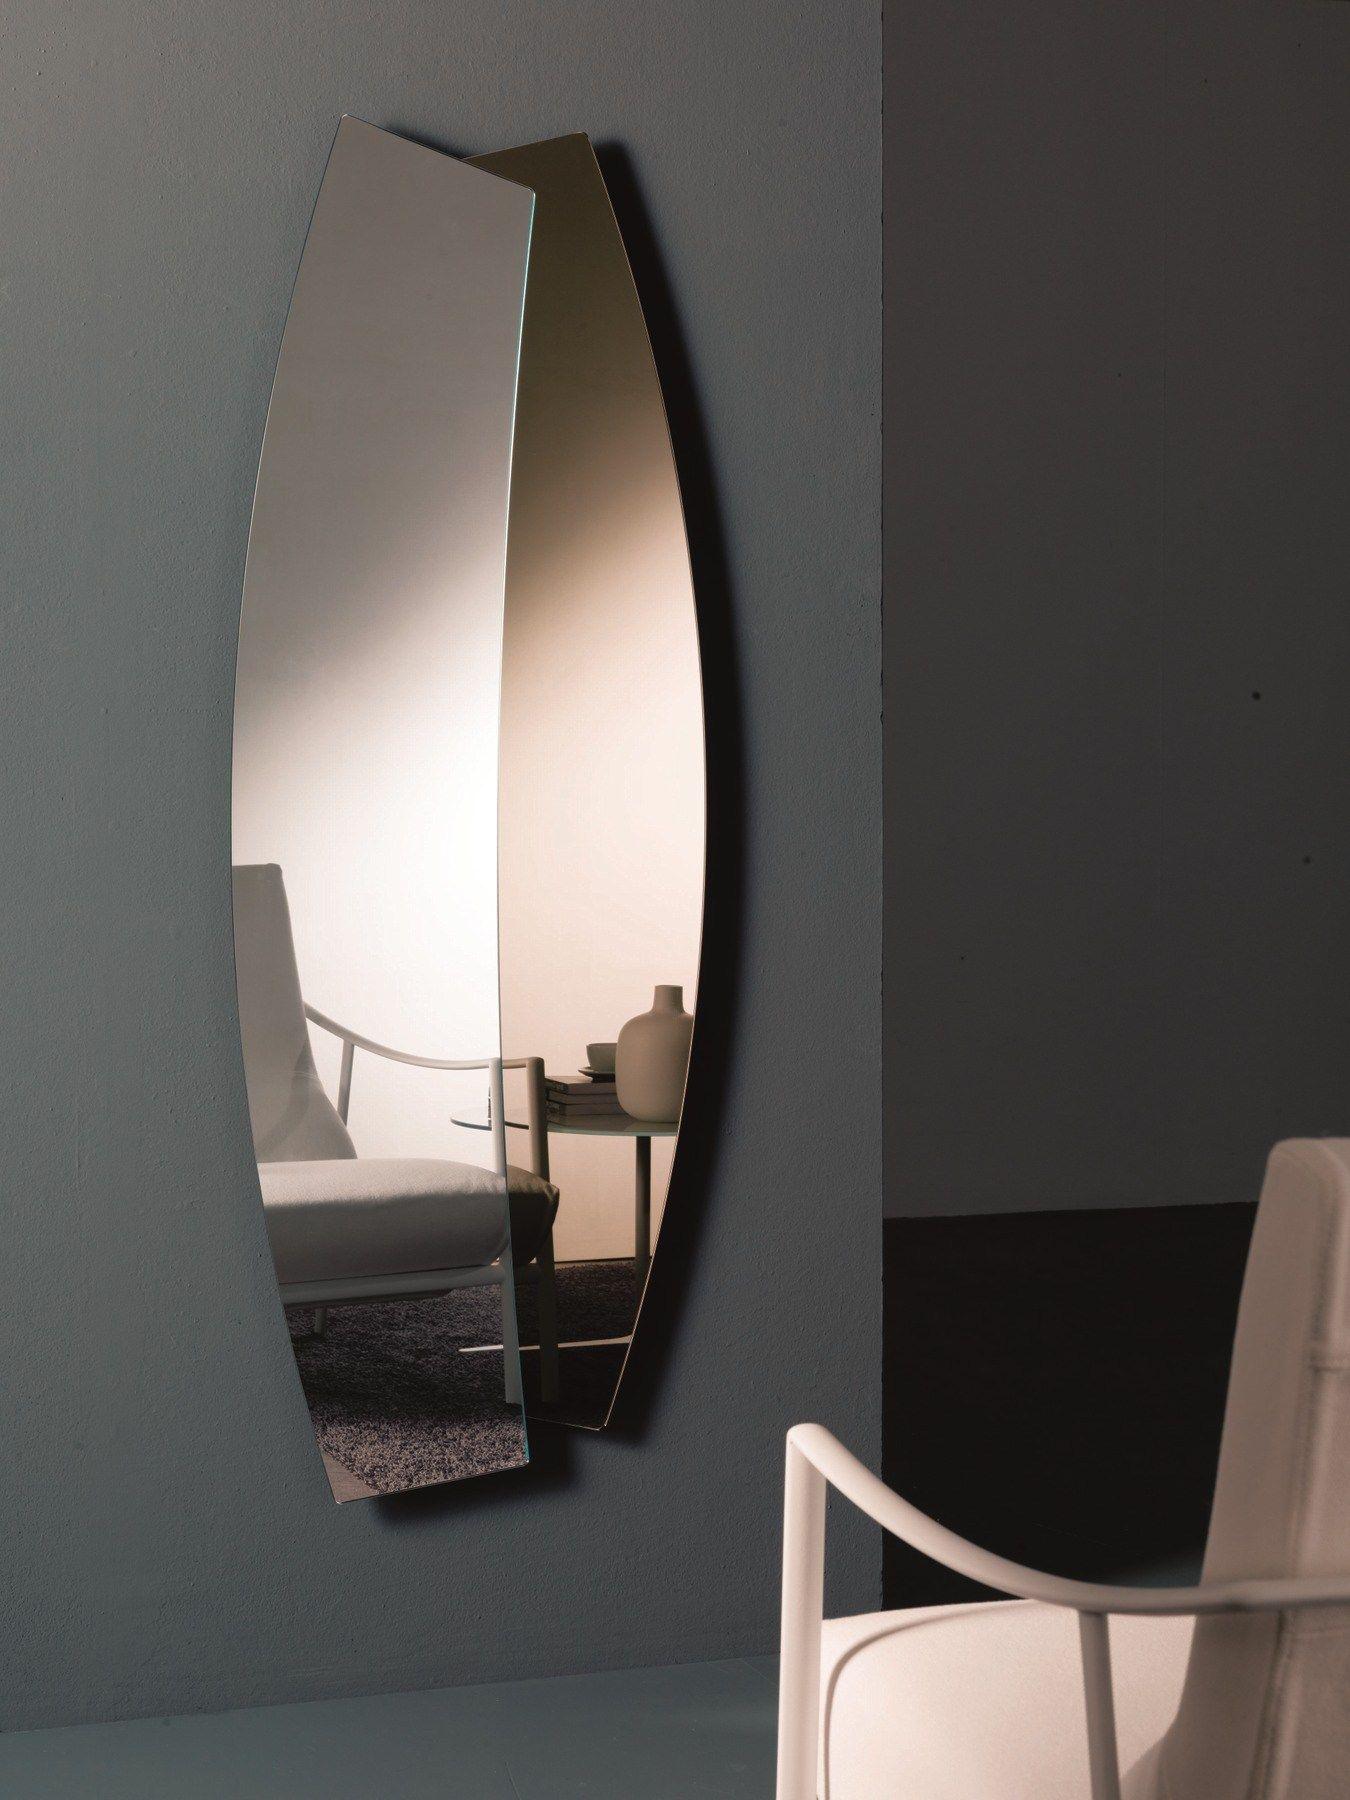 Specchio in stile moderno a parete double by bontempi casa - Specchi da parete di design ...